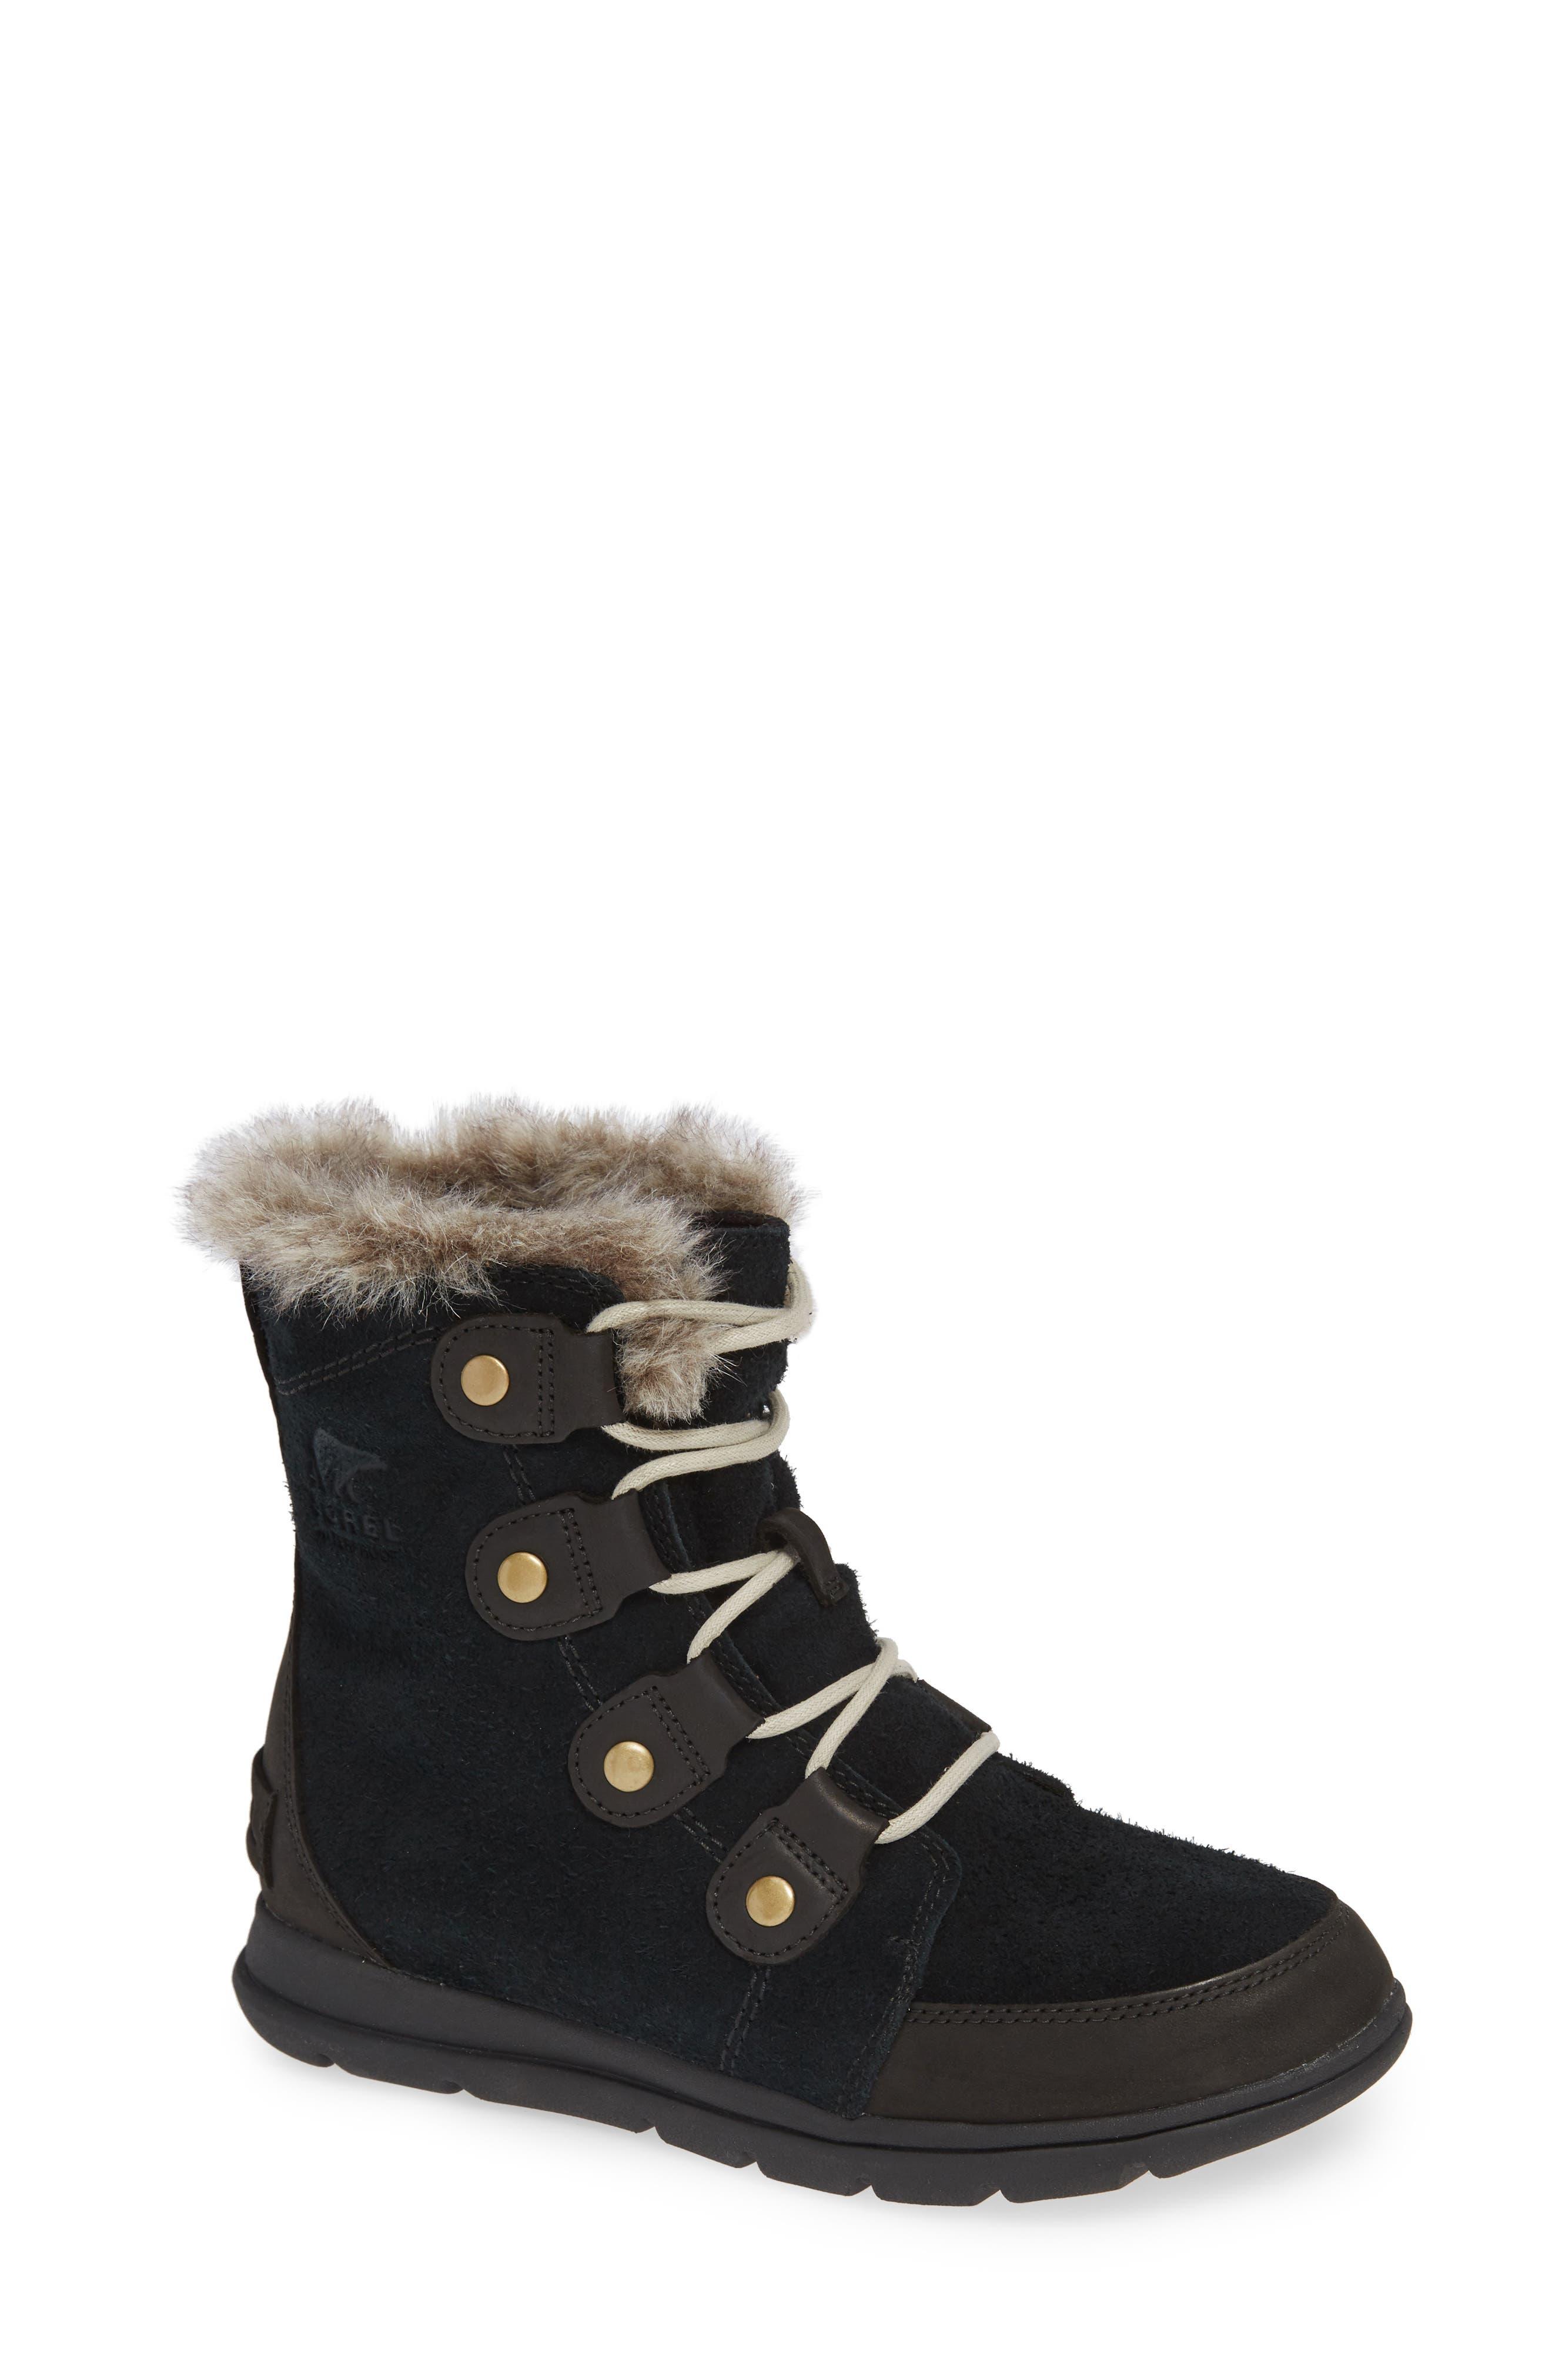 Explorer Joan Waterproof Boot with Faux Fur Collar,                             Main thumbnail 1, color,                             BLACK/ DARK STONE